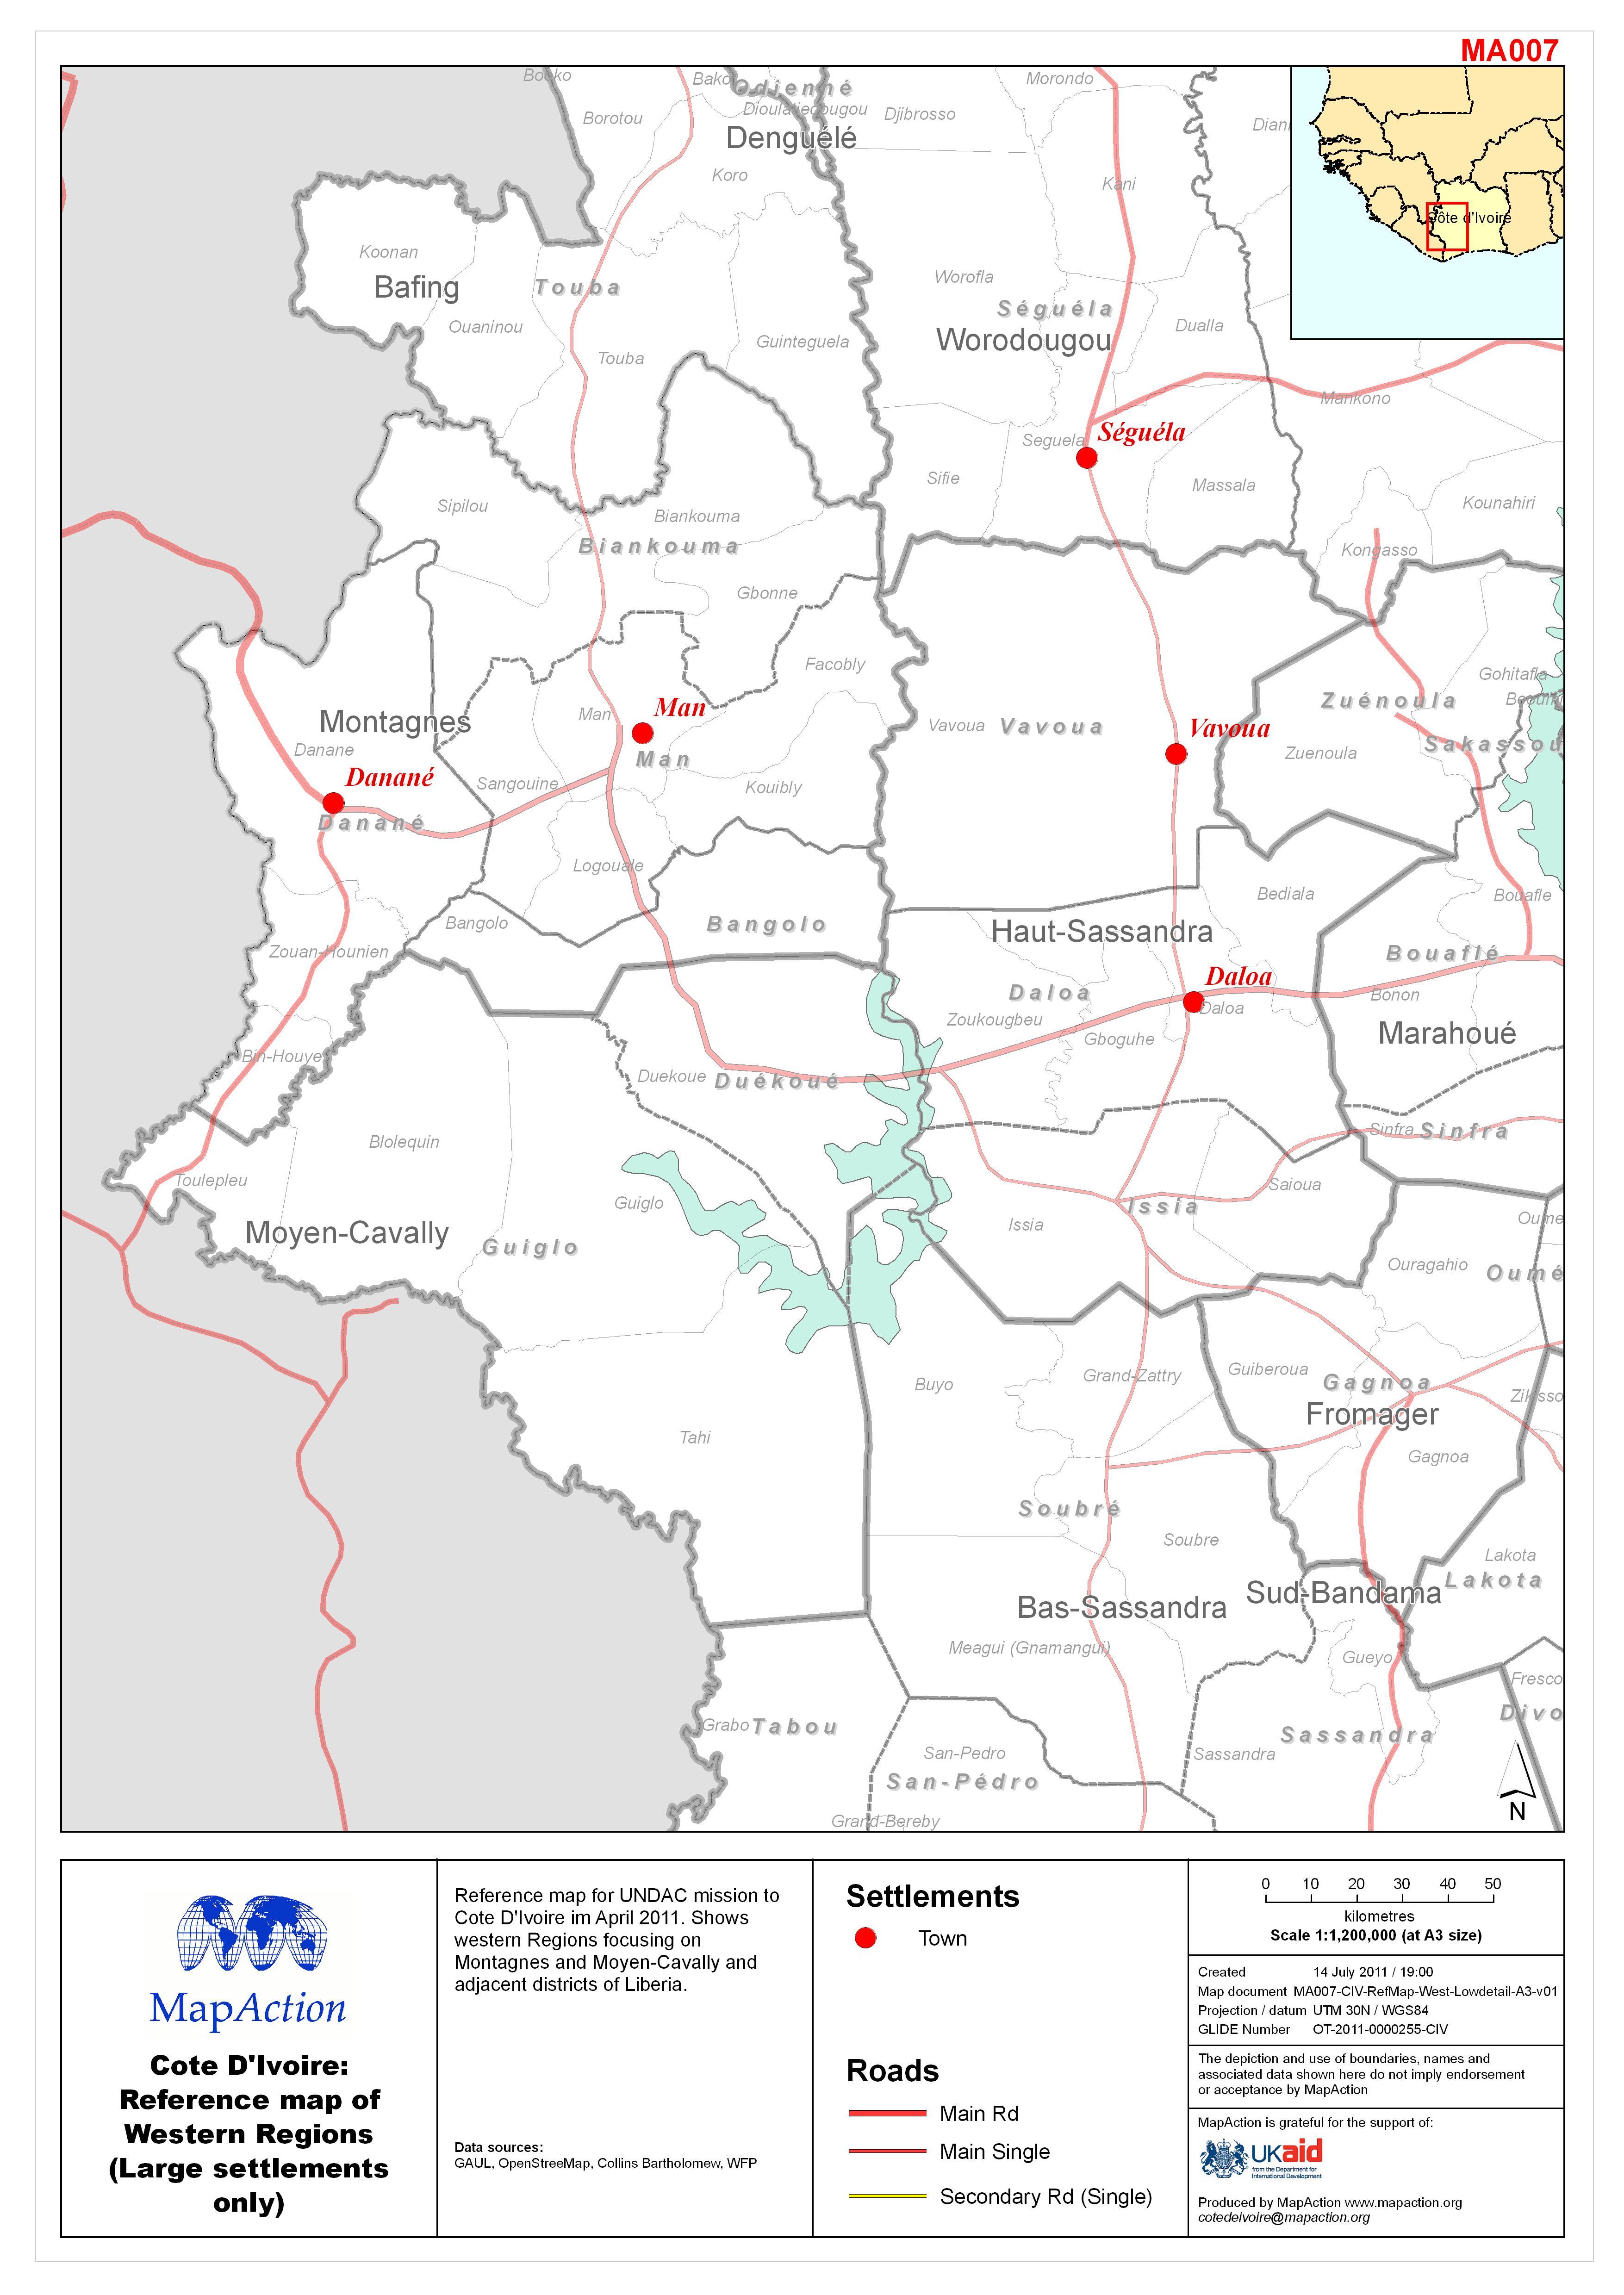 Postelection violence Cote dIvoire April 2011 MapAction